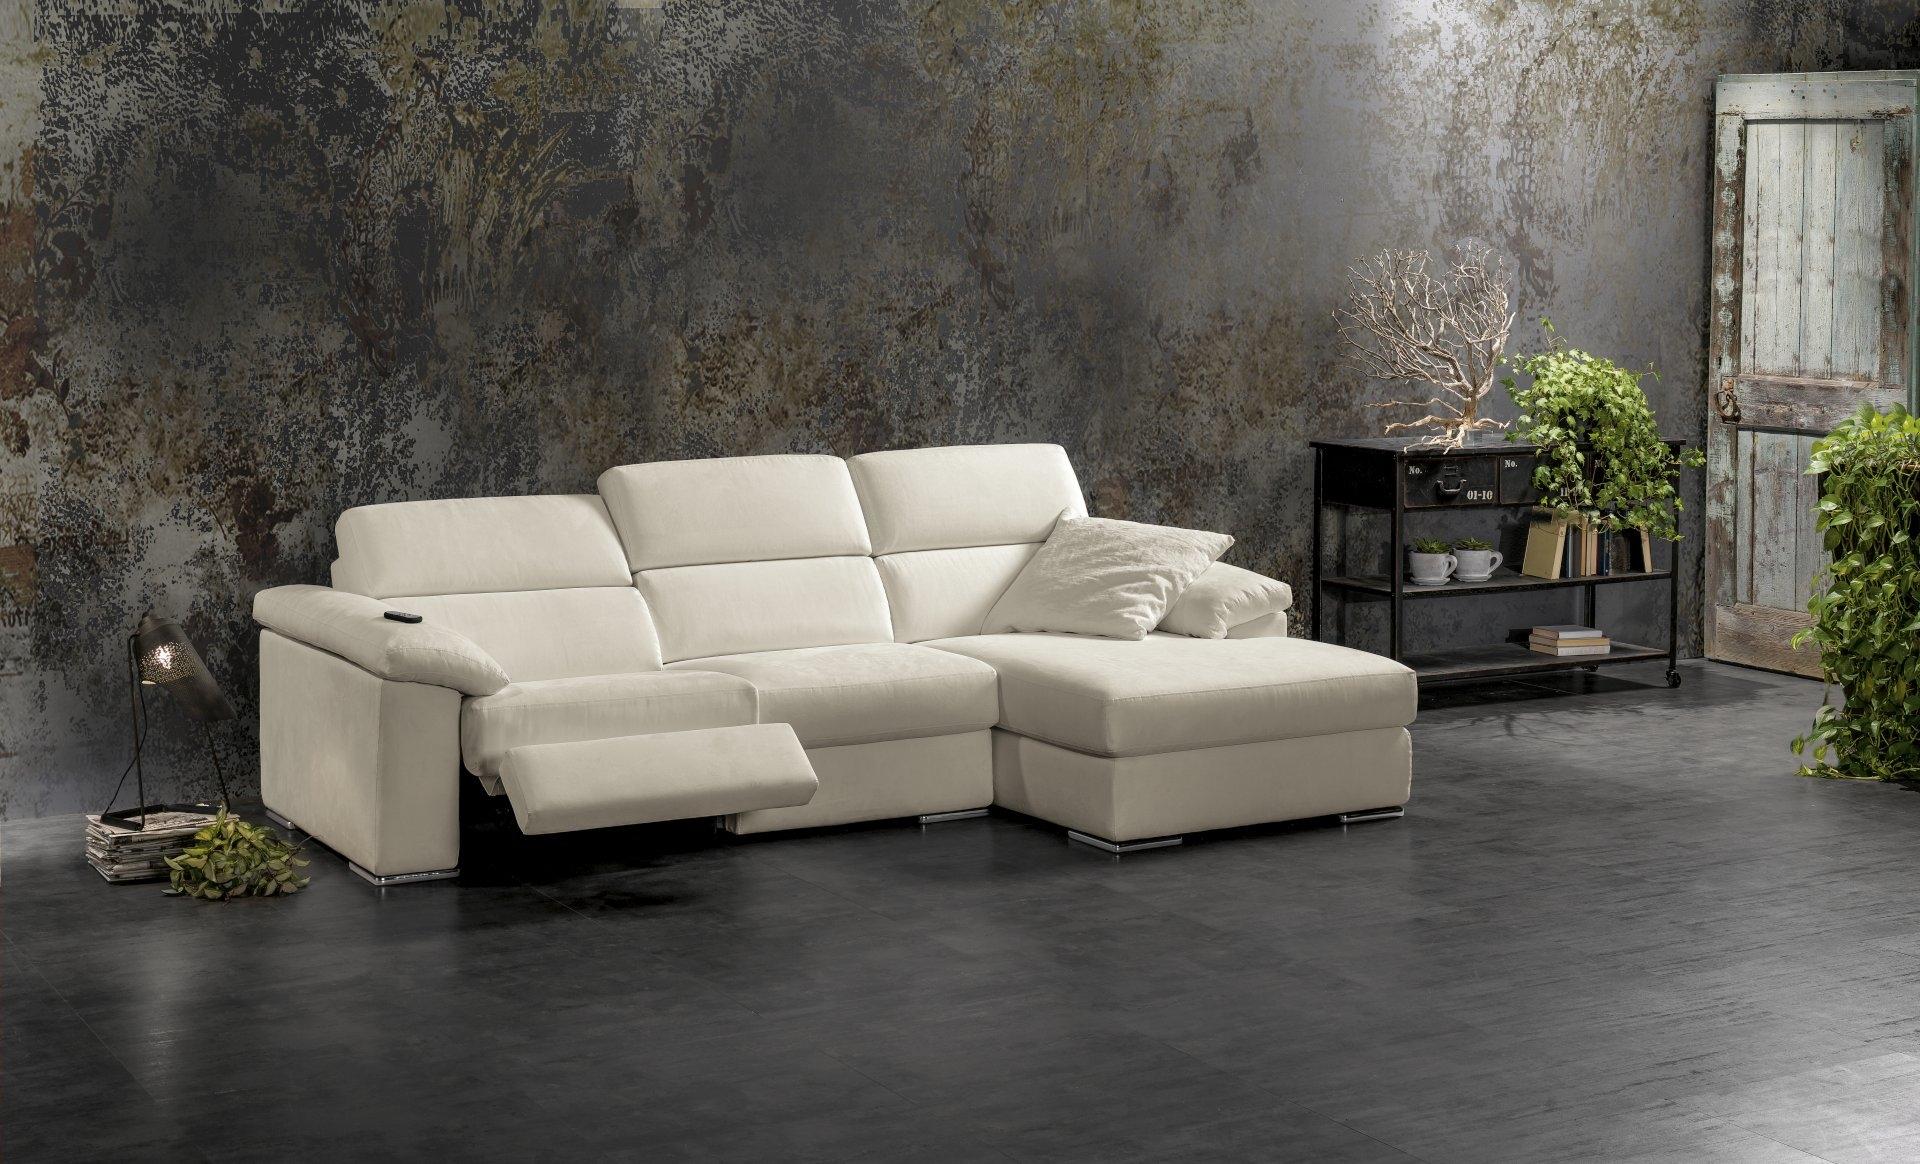 Divano exc sesamo divani con chaise longue divani a for Divani moderni con chaise longue